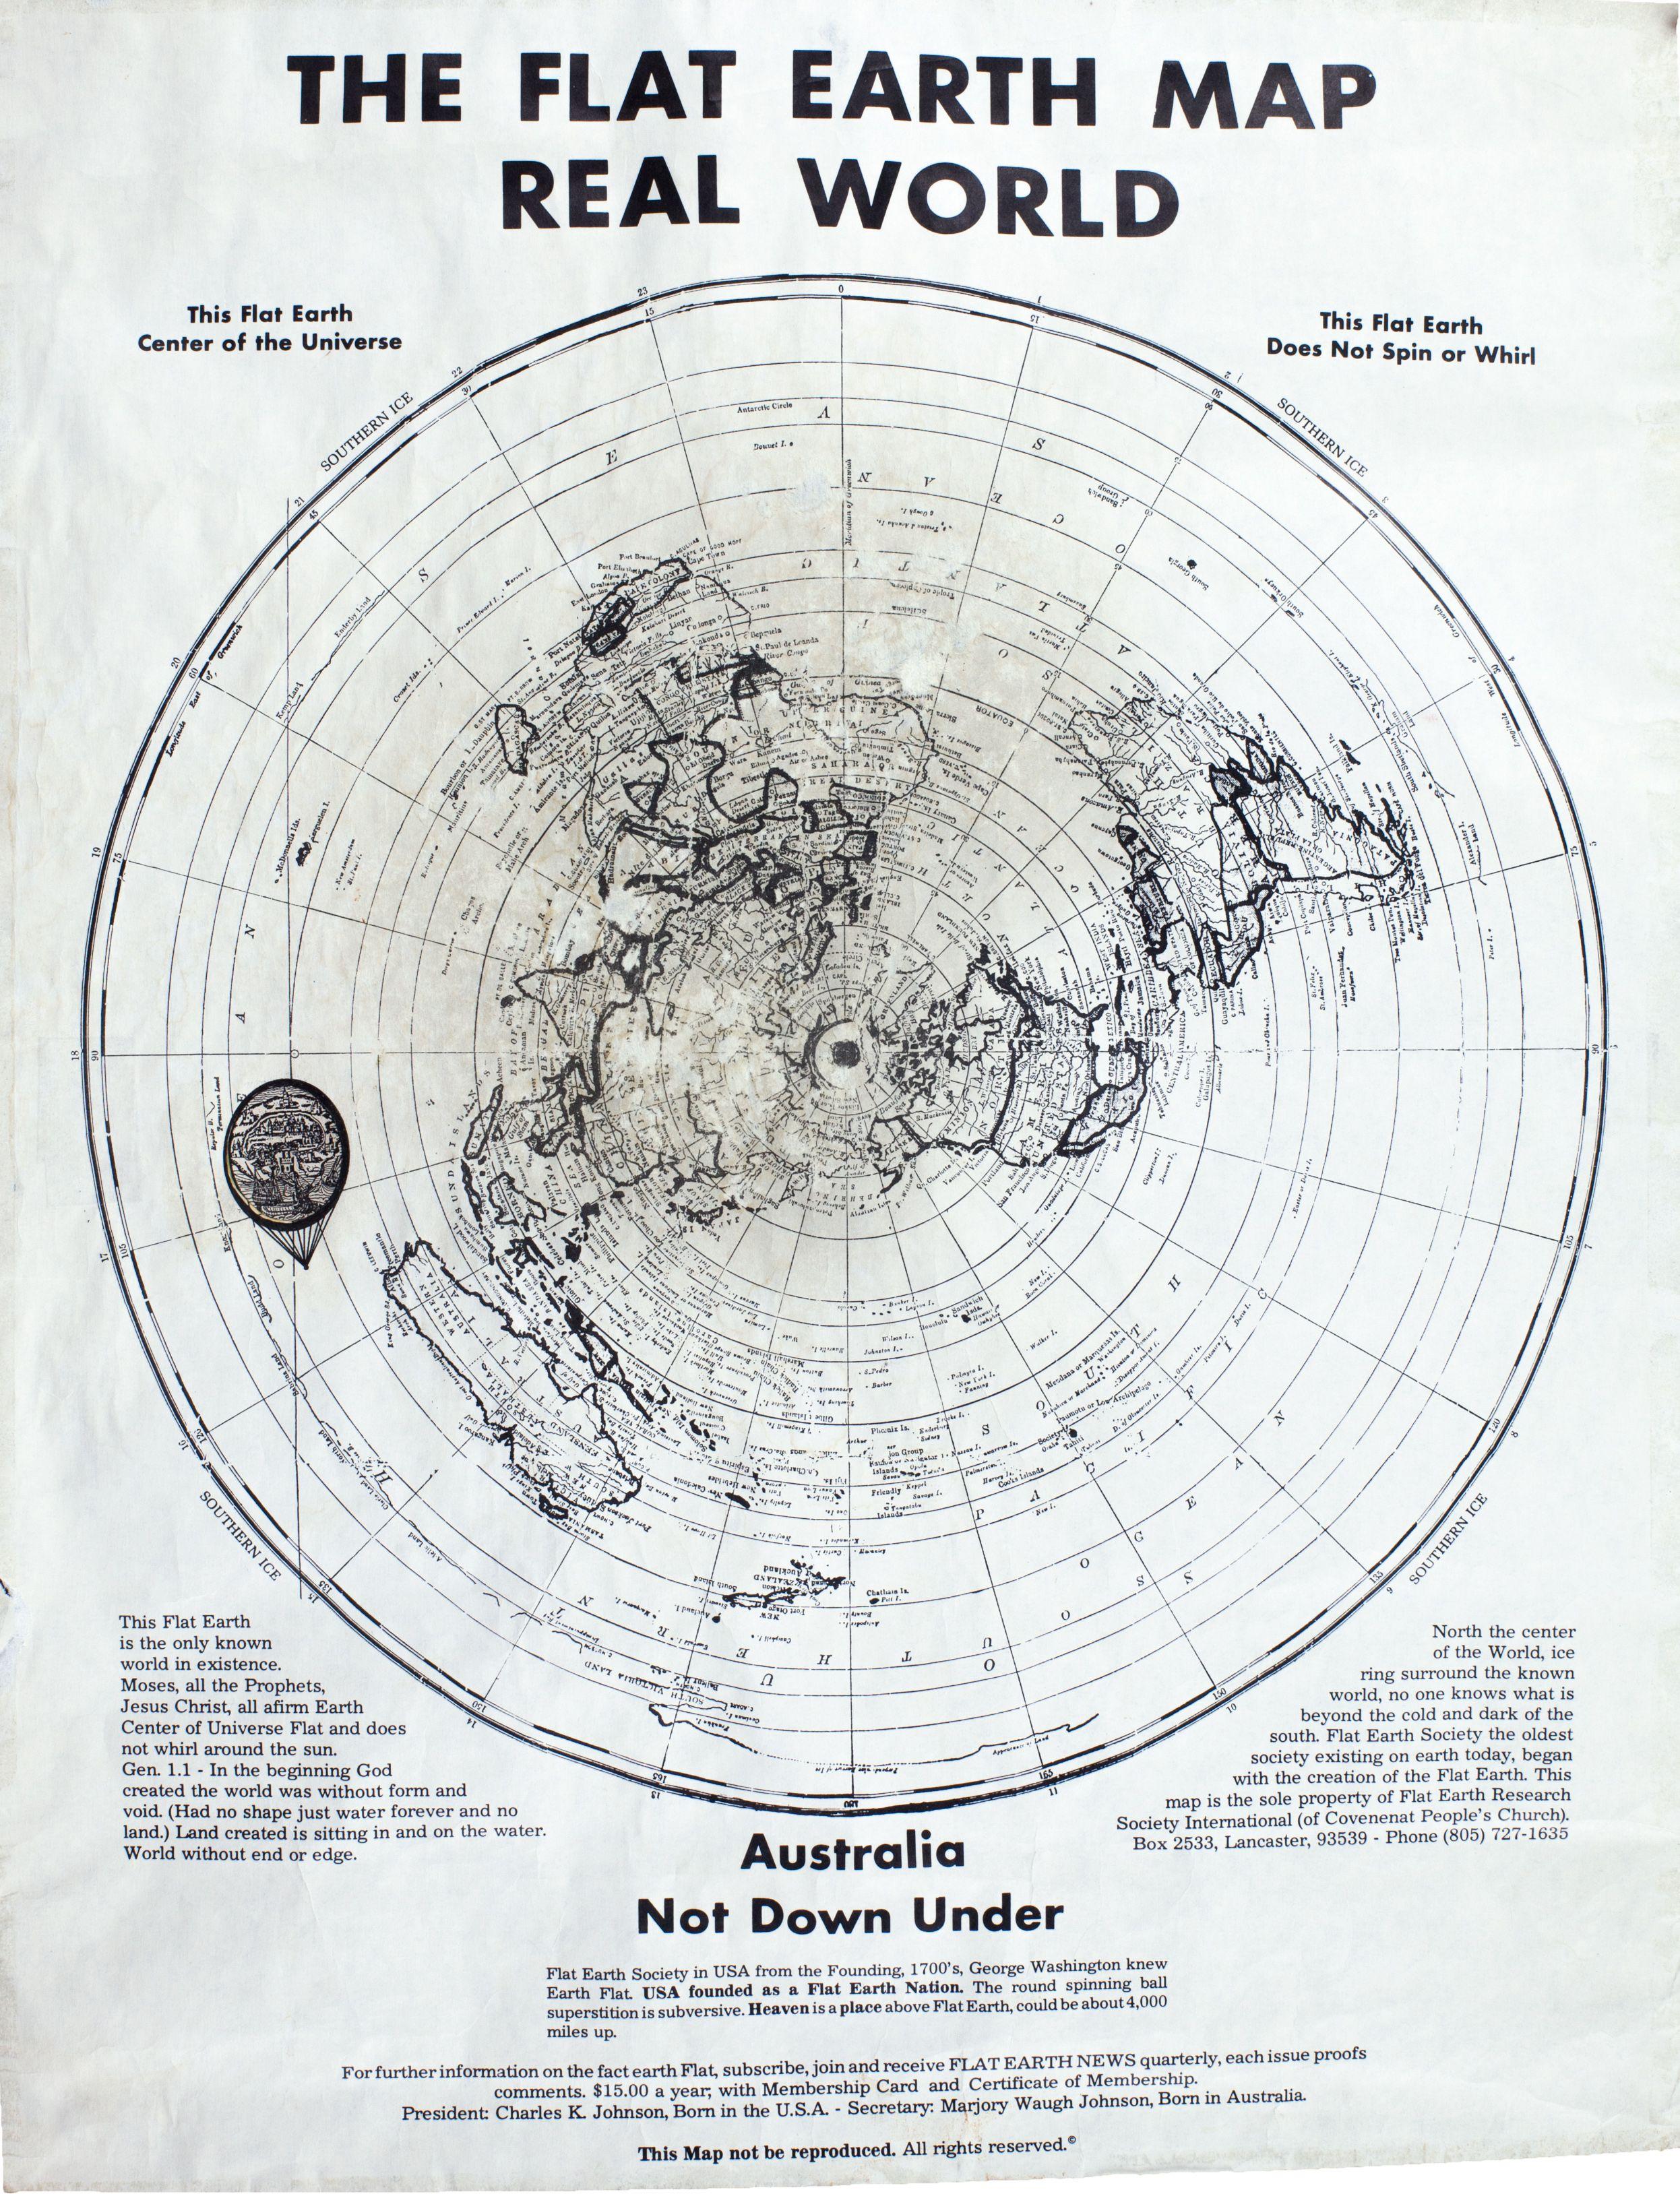 Charles_K._Johnson_Map.jpg